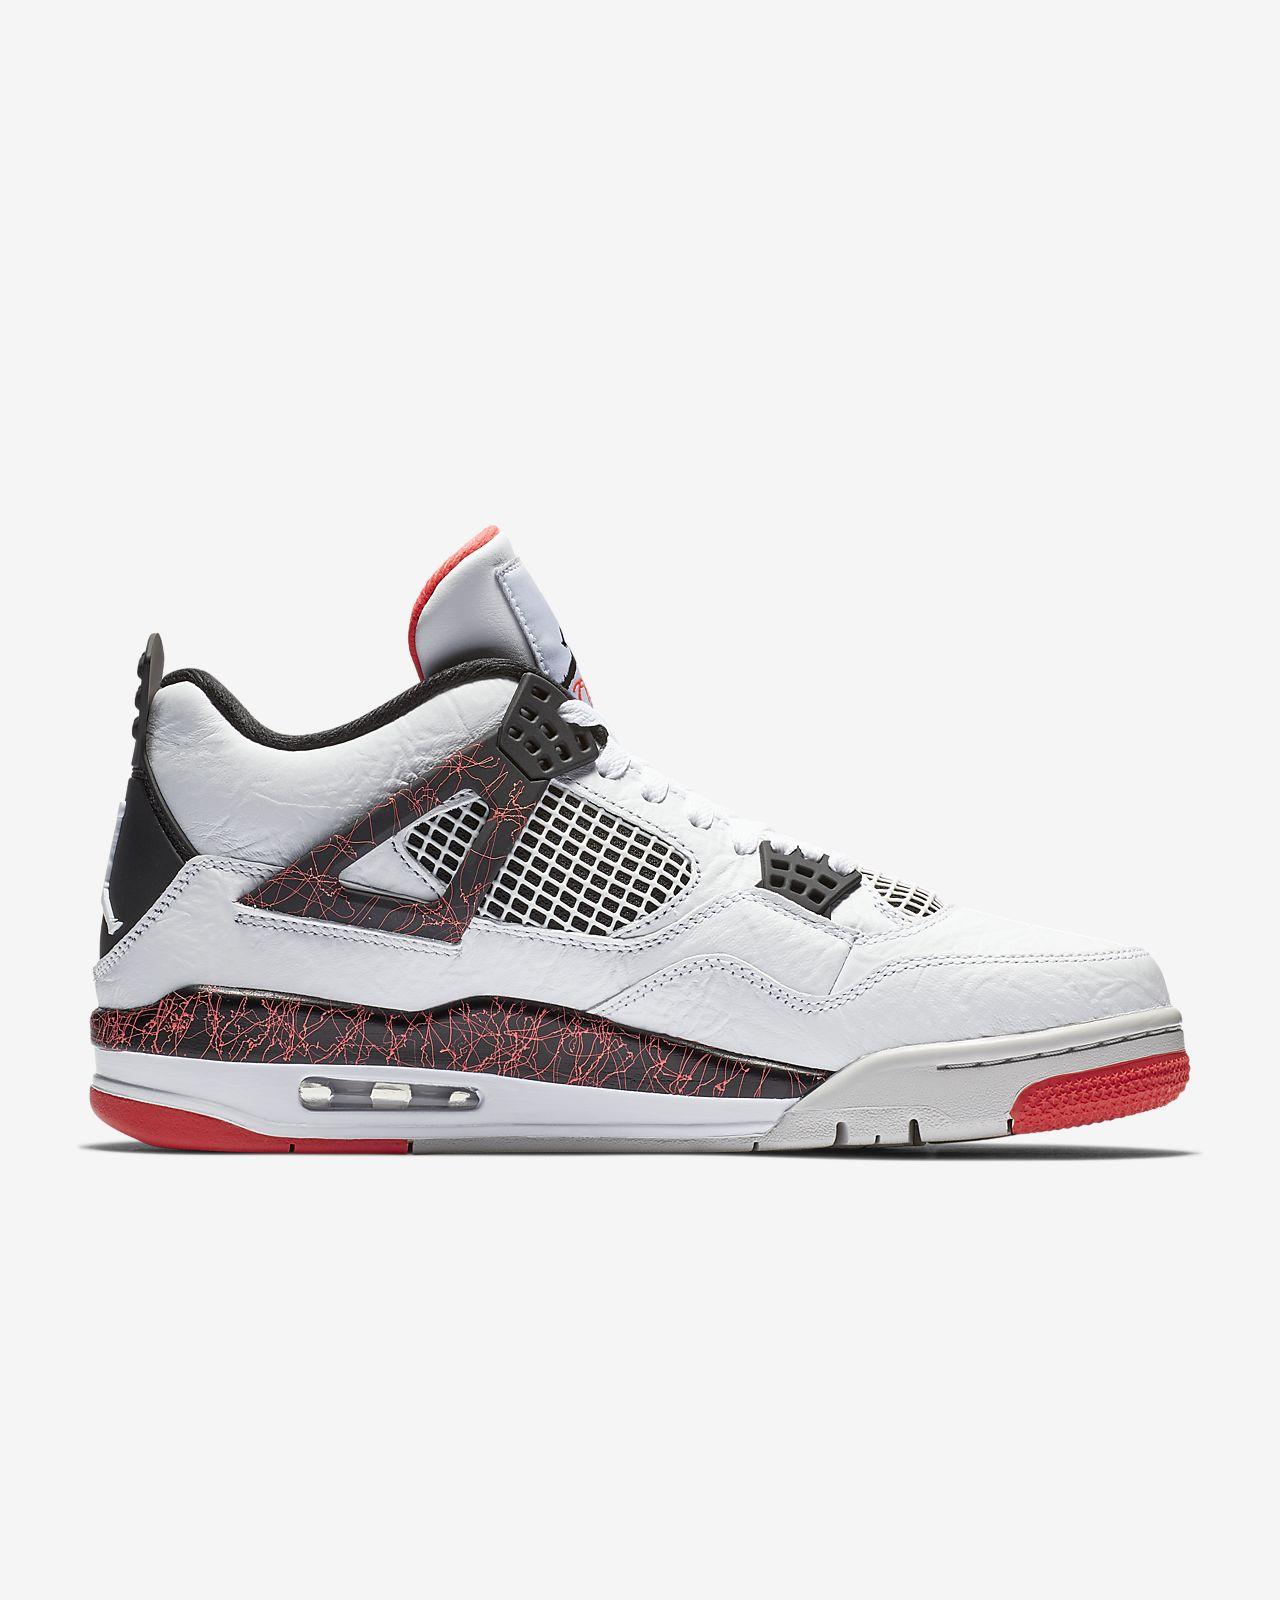 quality design 41dac 3a505 ... Sko Air Jordan 4 Retro för män